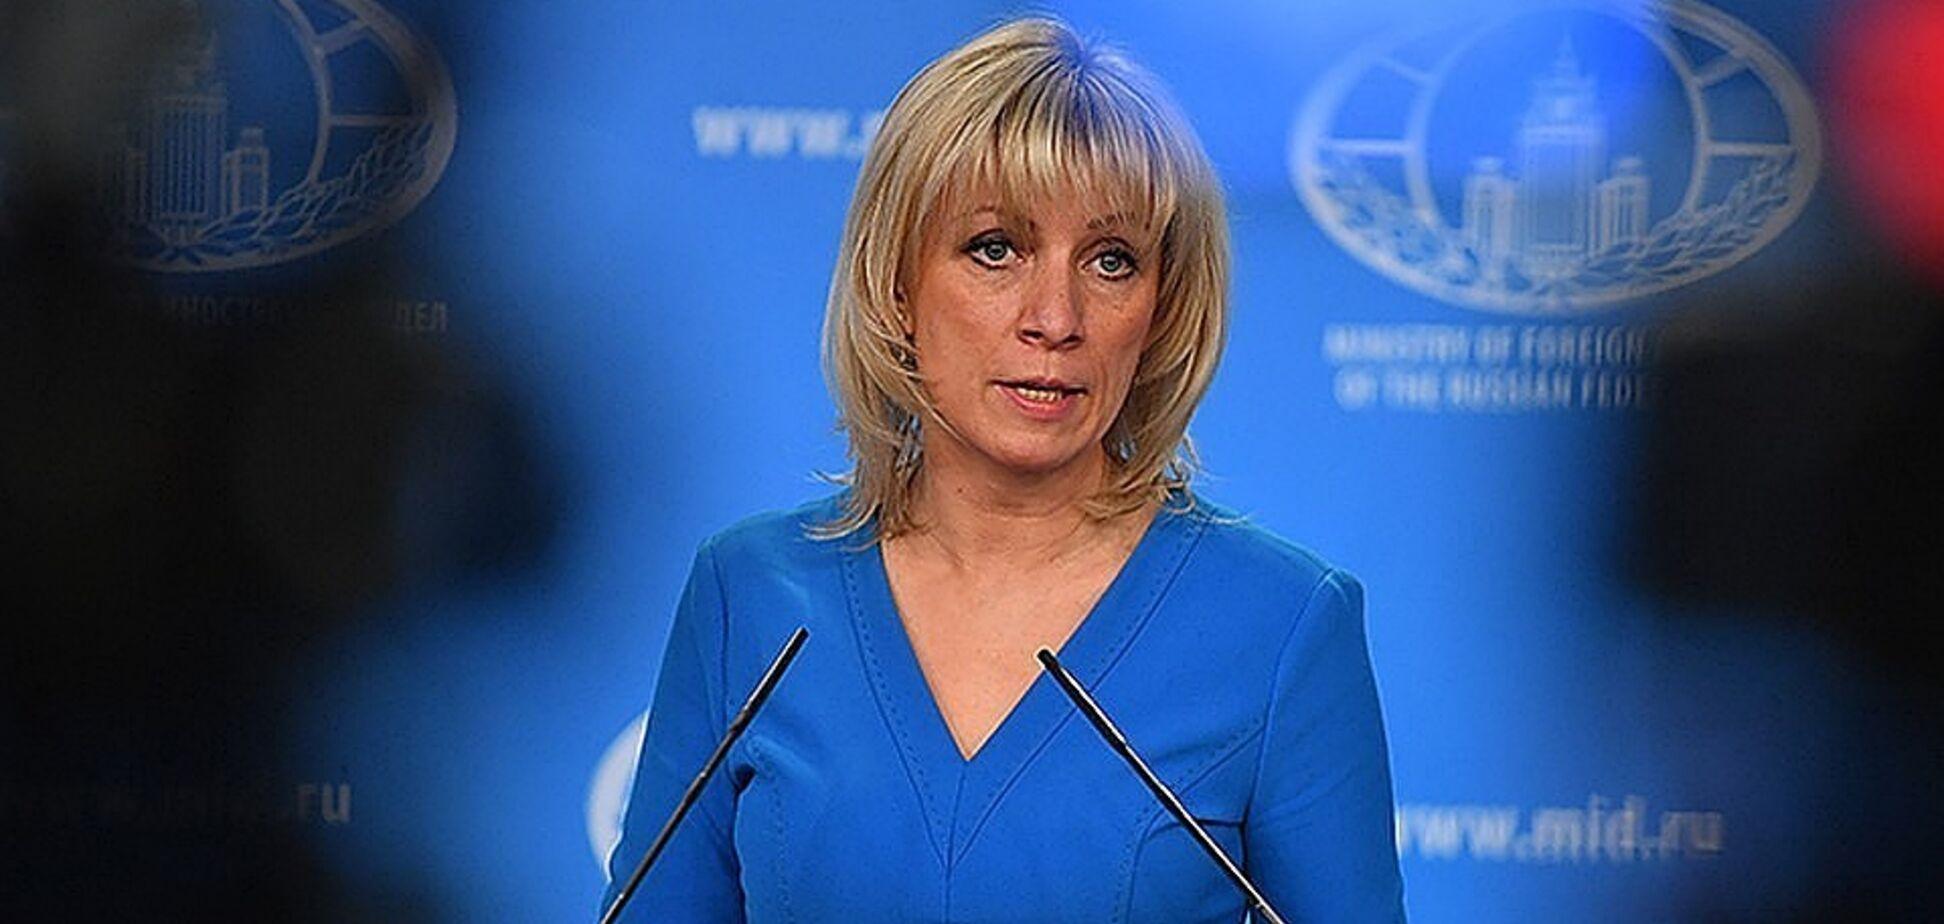 В России заявили, что коронавирус запустило ЦРУ: Захарова ответила